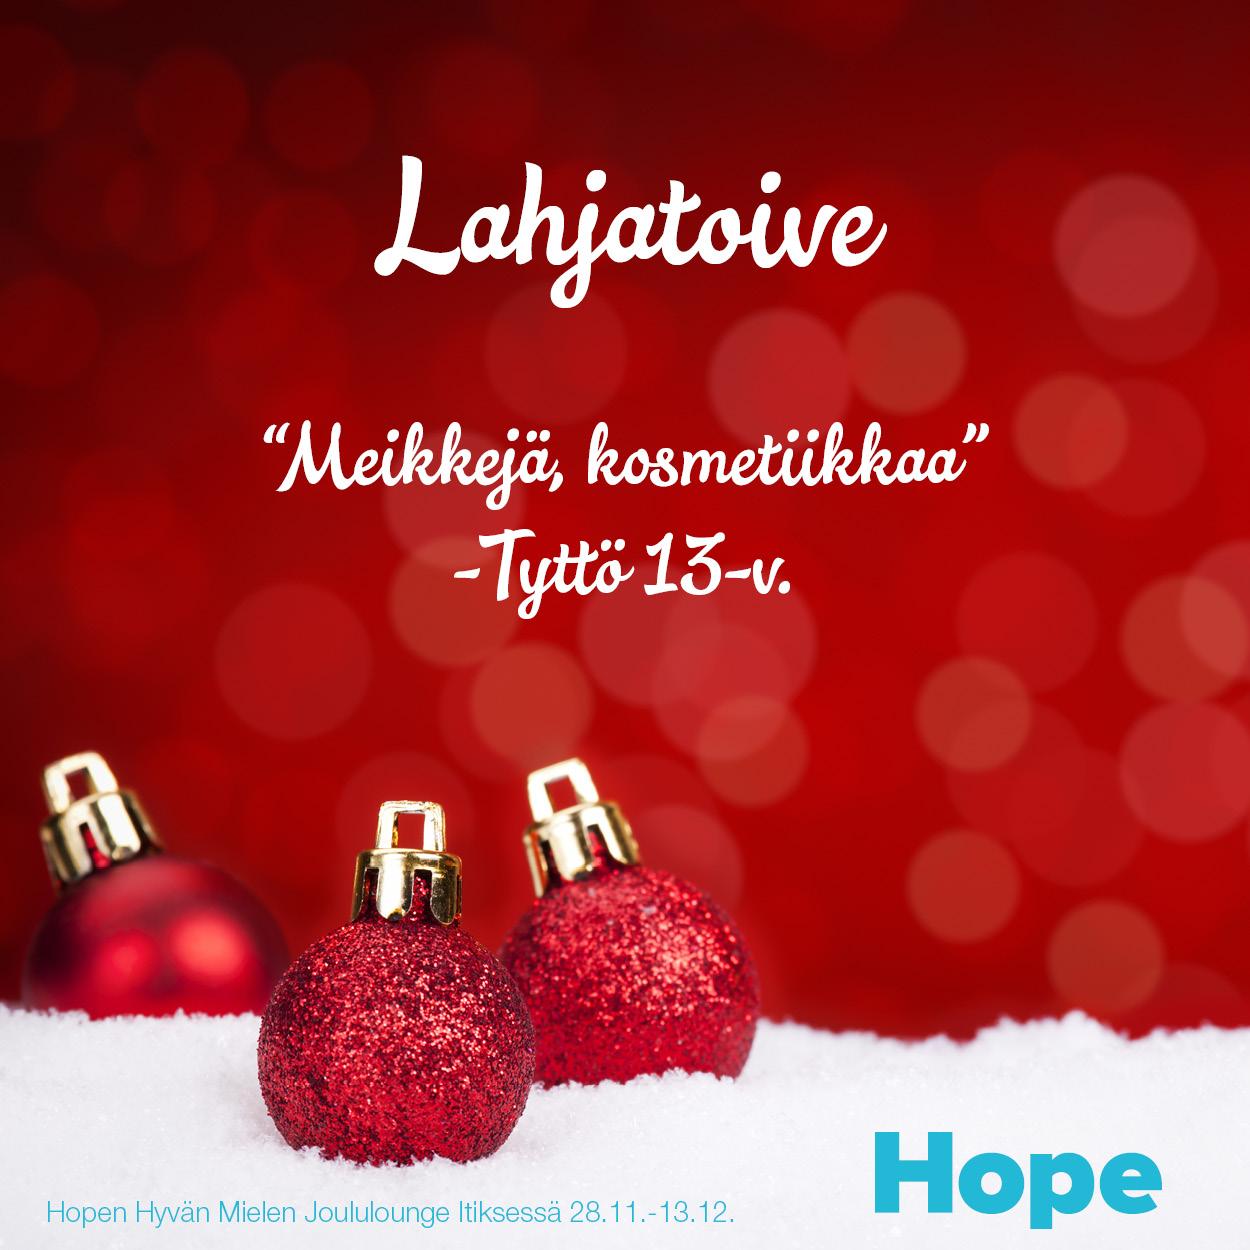 Hope_300x300_Lahjatoive_6